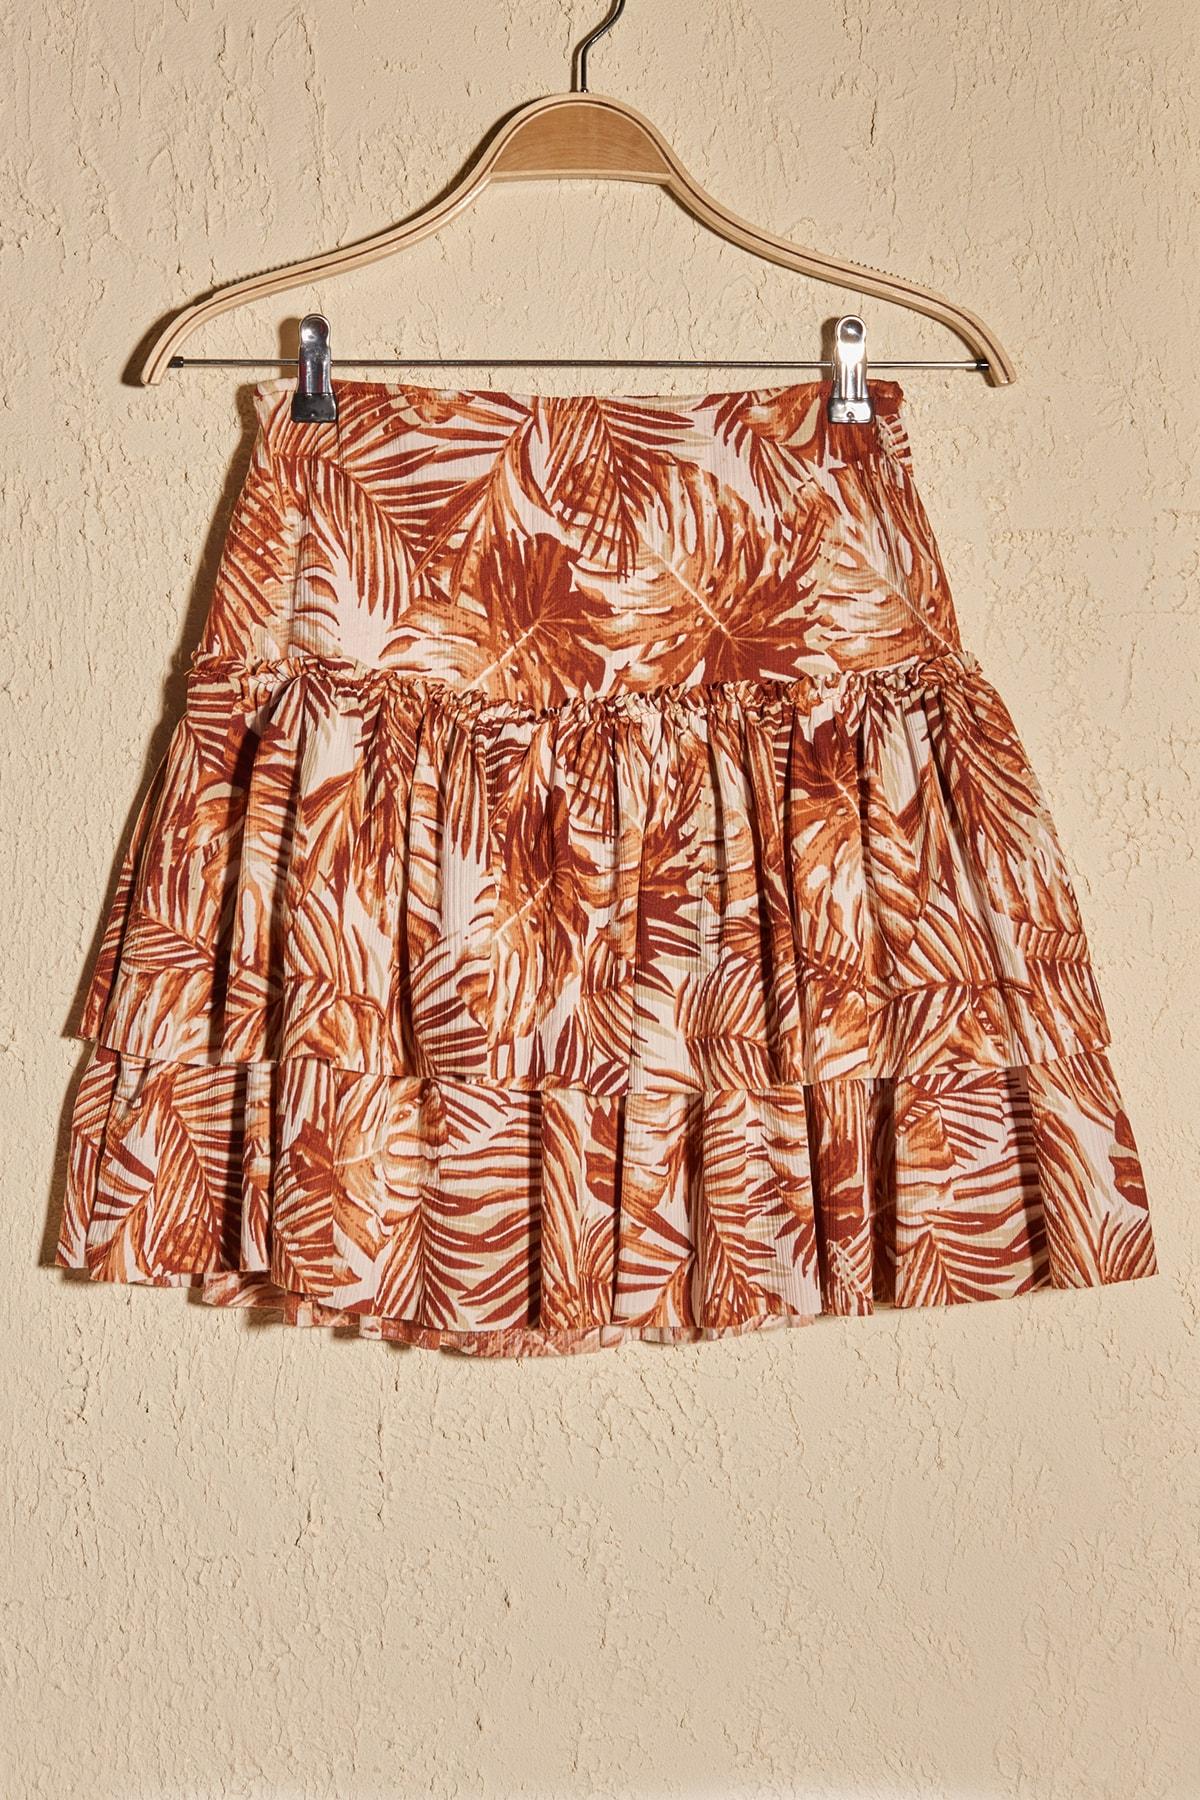 Trendyol Patterned Knitted Skirt TWOSS20ET0498